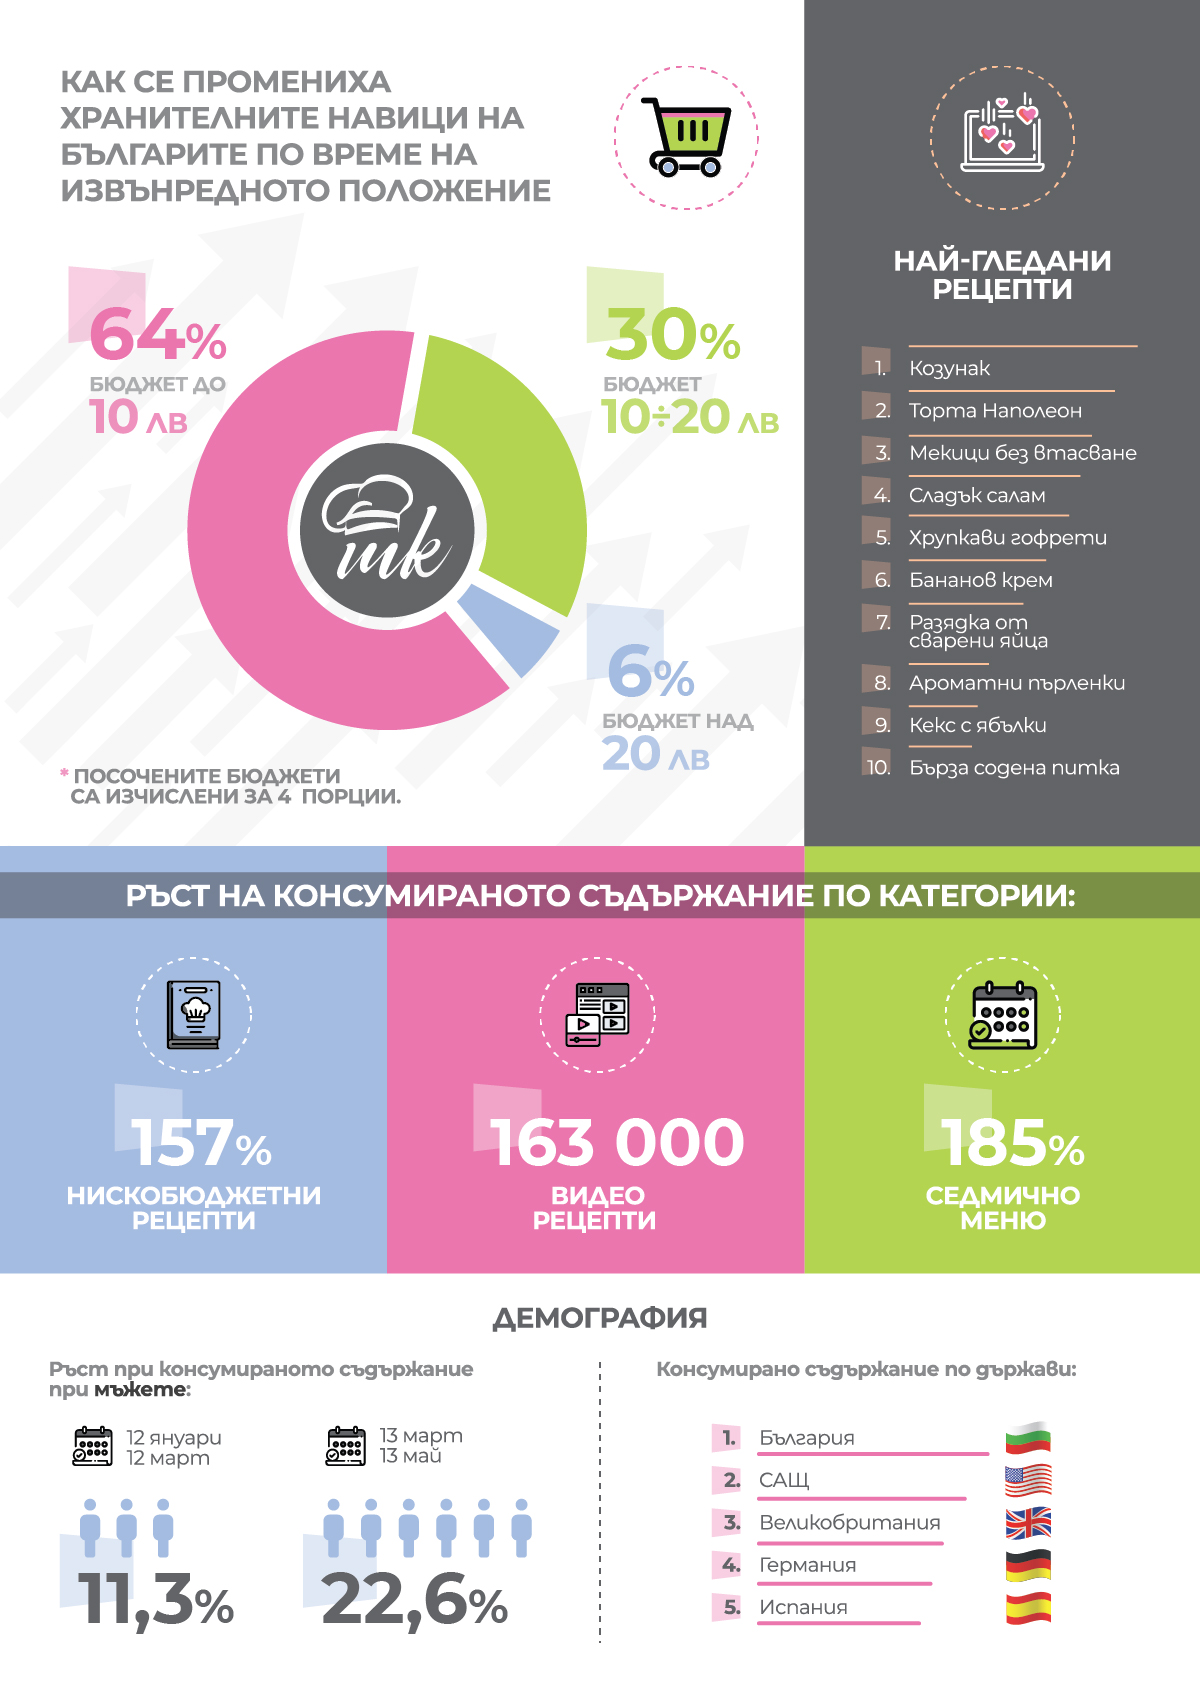 Инфографика: Как се промениха хранителните навици в България във времето на извънредно положение.